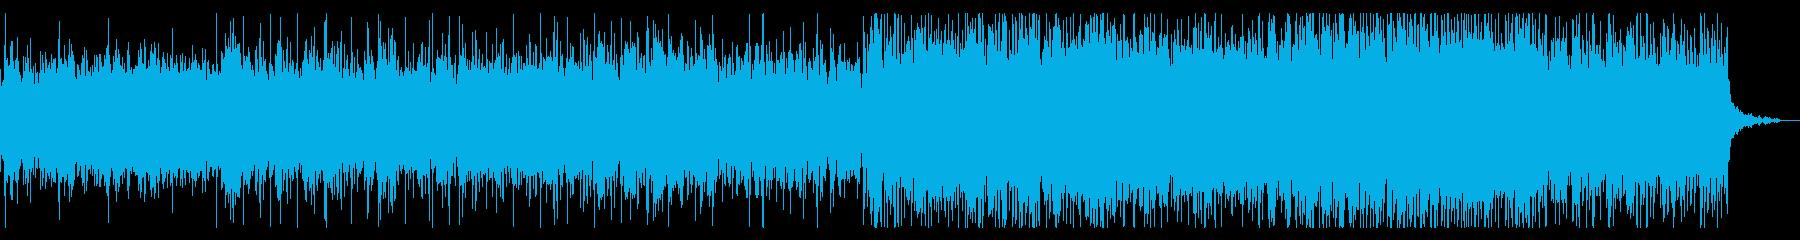 ダークで異質なテクスチャIDMの再生済みの波形